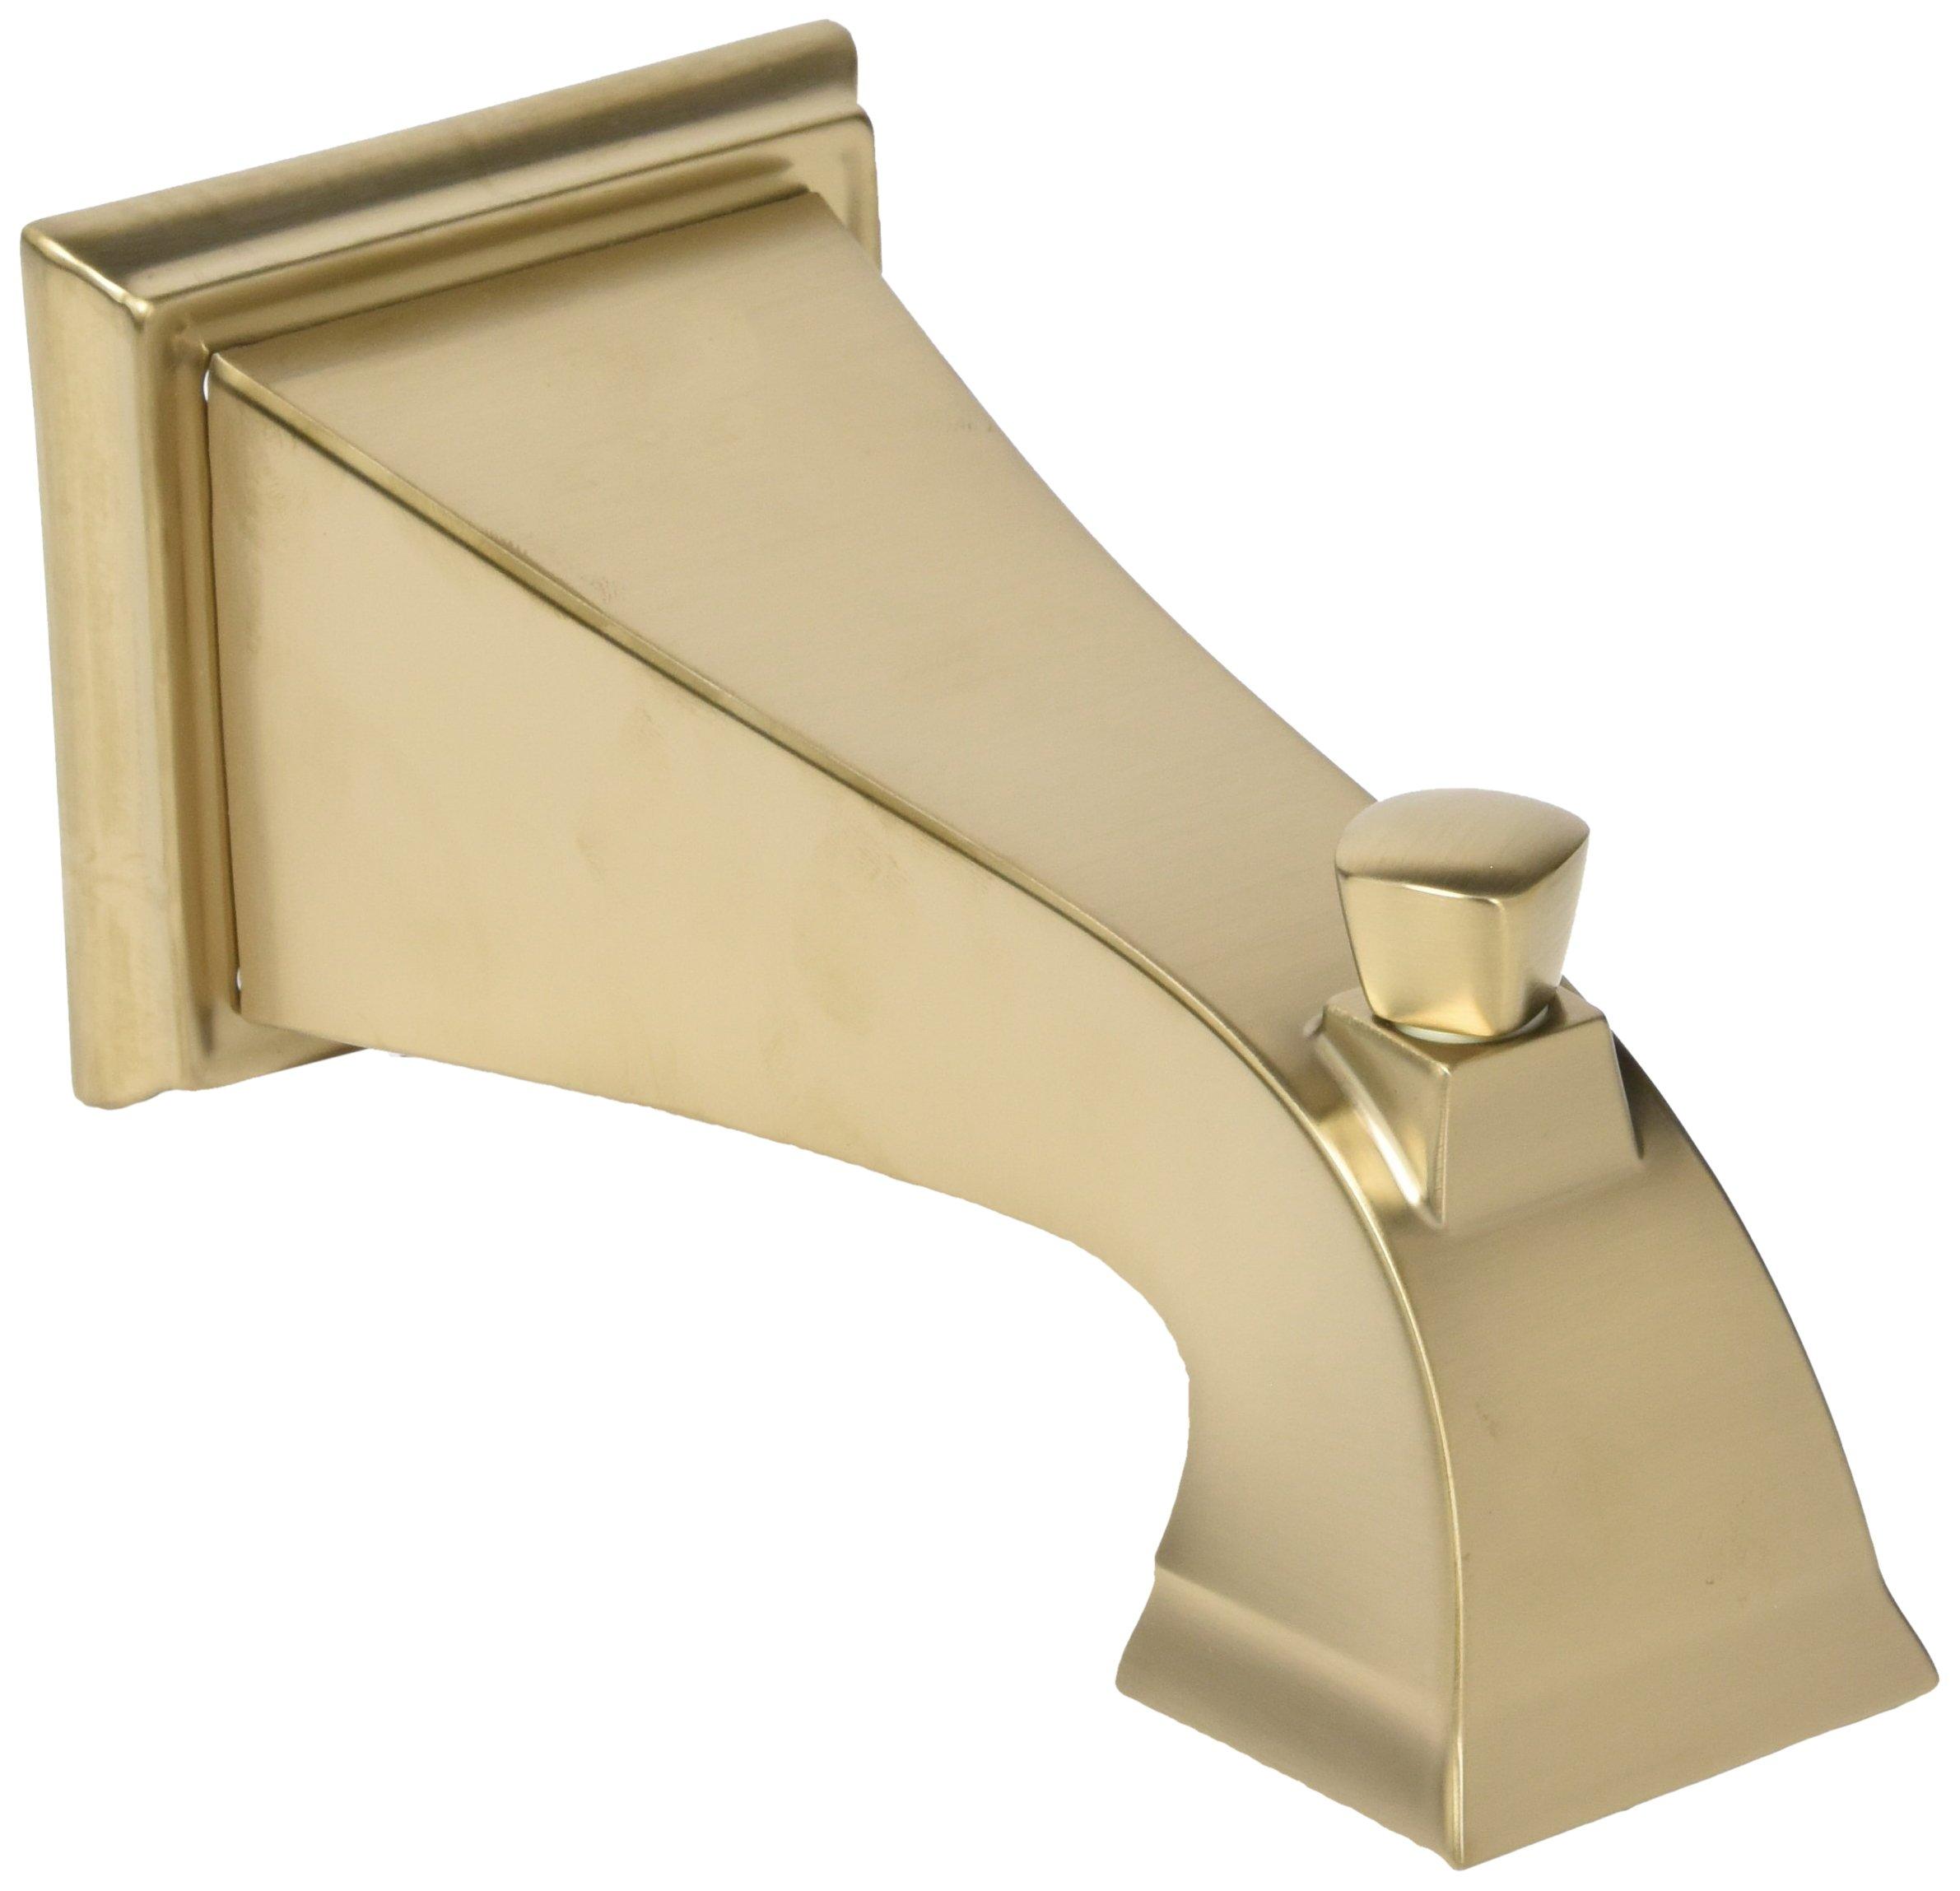 Delta Faucet RP52148CZ Dryden, Tub Spout - Pull-Up Diverter, Champagne Bronze